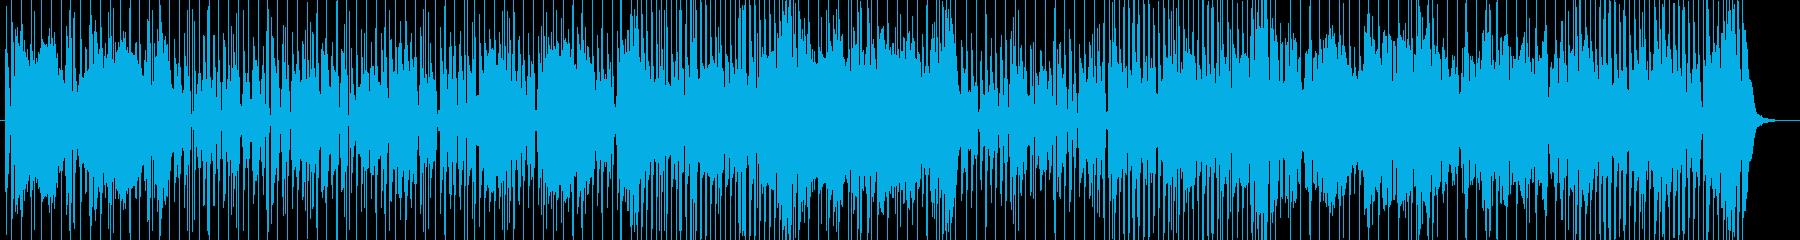 トラディショナル、レゲエ、ポップ。の再生済みの波形